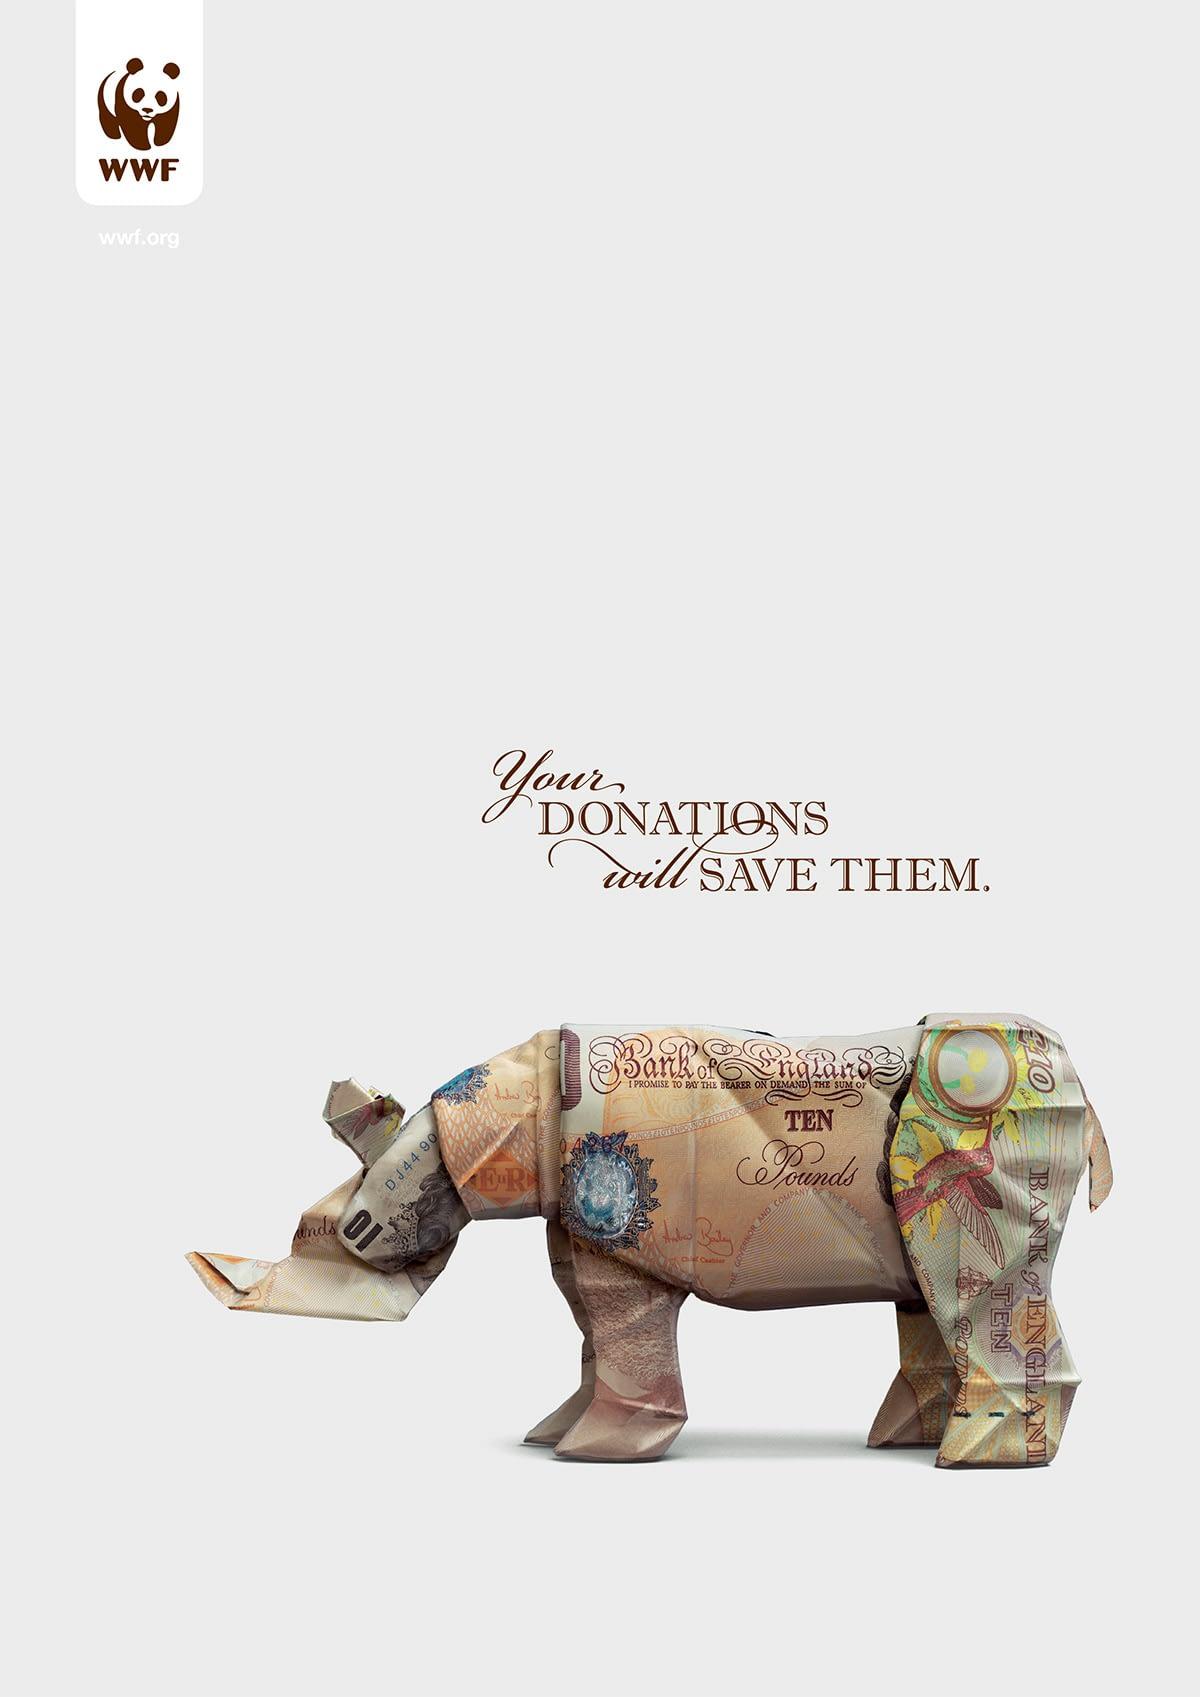 WWF: Origami